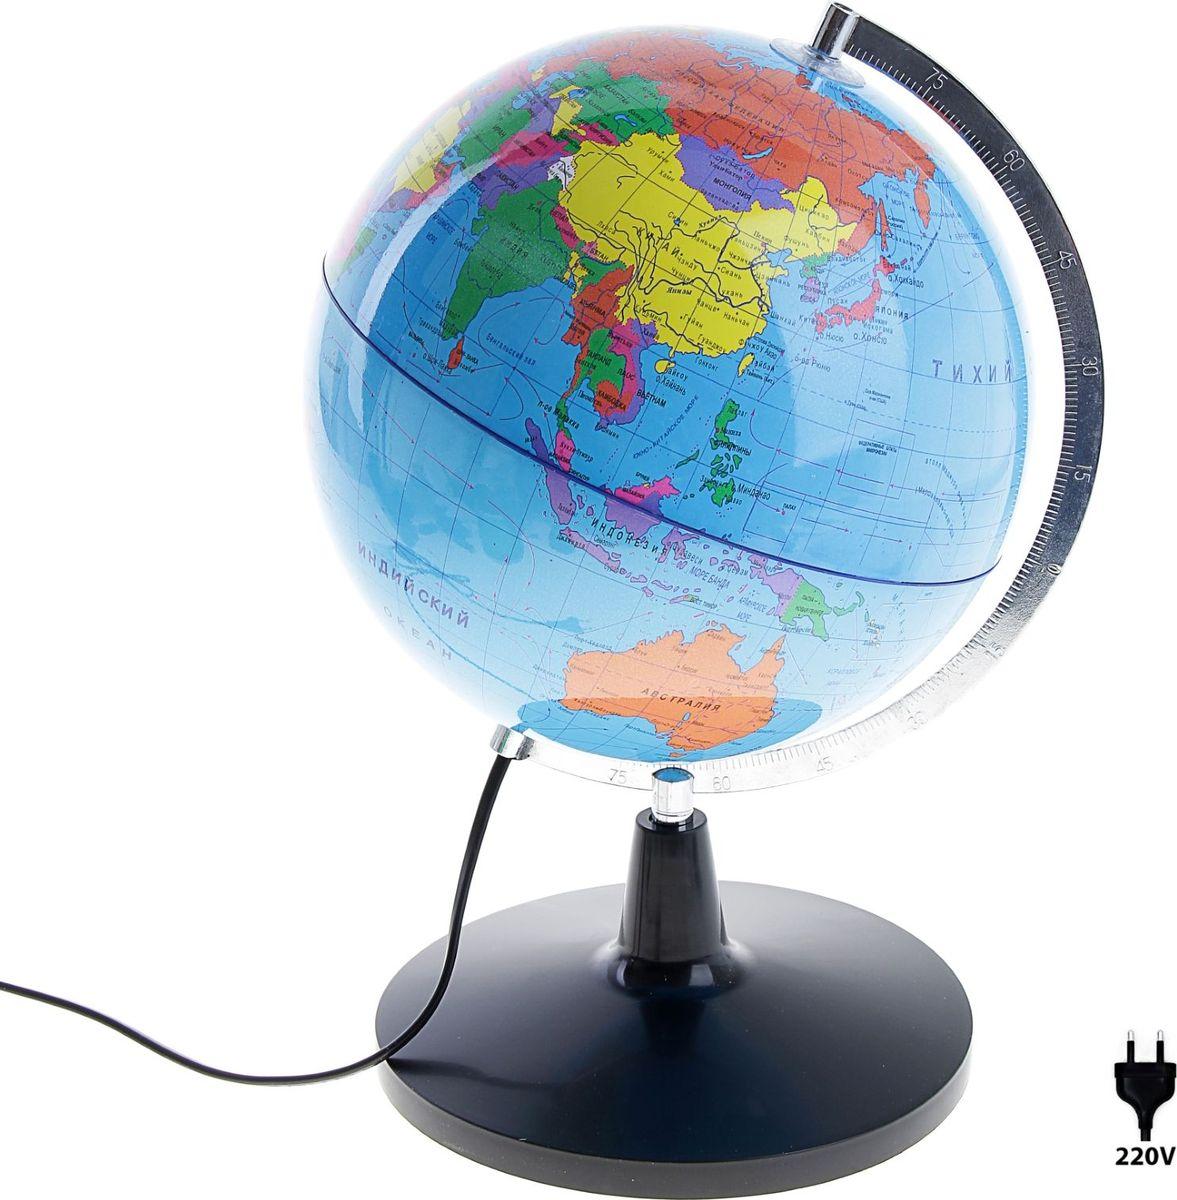 Глобус с подстветкой диаметр 25 см581208Данная модель дает представление о политическом устройстве мира. Макетпоказывает расположение государств, столиц и крупных населенных пунктов.Названия всех объектов приведены на русском языке. Страны окрашены в разныецвета, чтобы вам было удобнее ориентироваться. Изделие изготовлено изпрочного пластика. На глобусе также отображены:экваторпараллелимеридианы градусыгосударственные границы демаркационные линии. Используйте глобус как ночник. Он оснащен мягкой, приглушенной LED- подсветкой. Характеристики Высота глобуса с подставкой: 39 см.Диаметр: 25 см. Масштаб: 1:52 000 000.